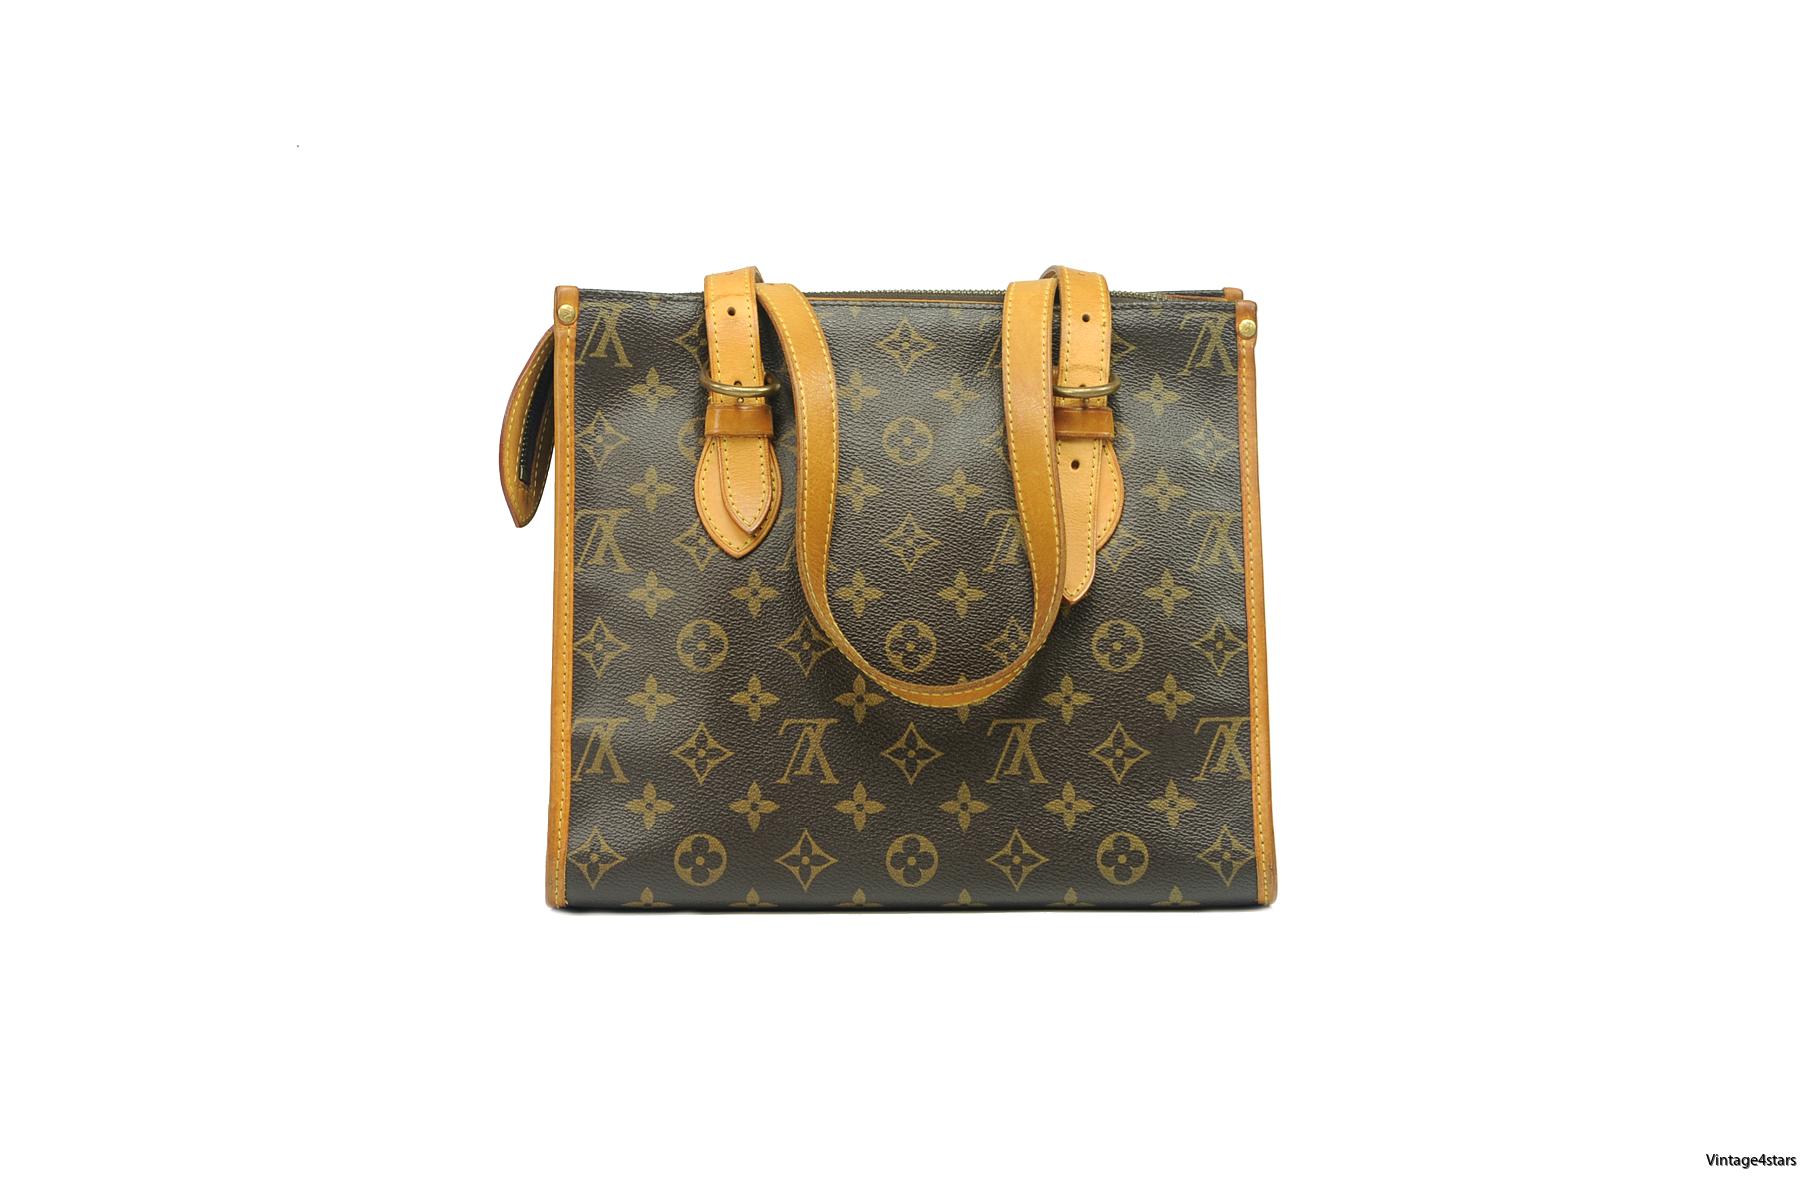 Louis Vuitton Popincourt 1